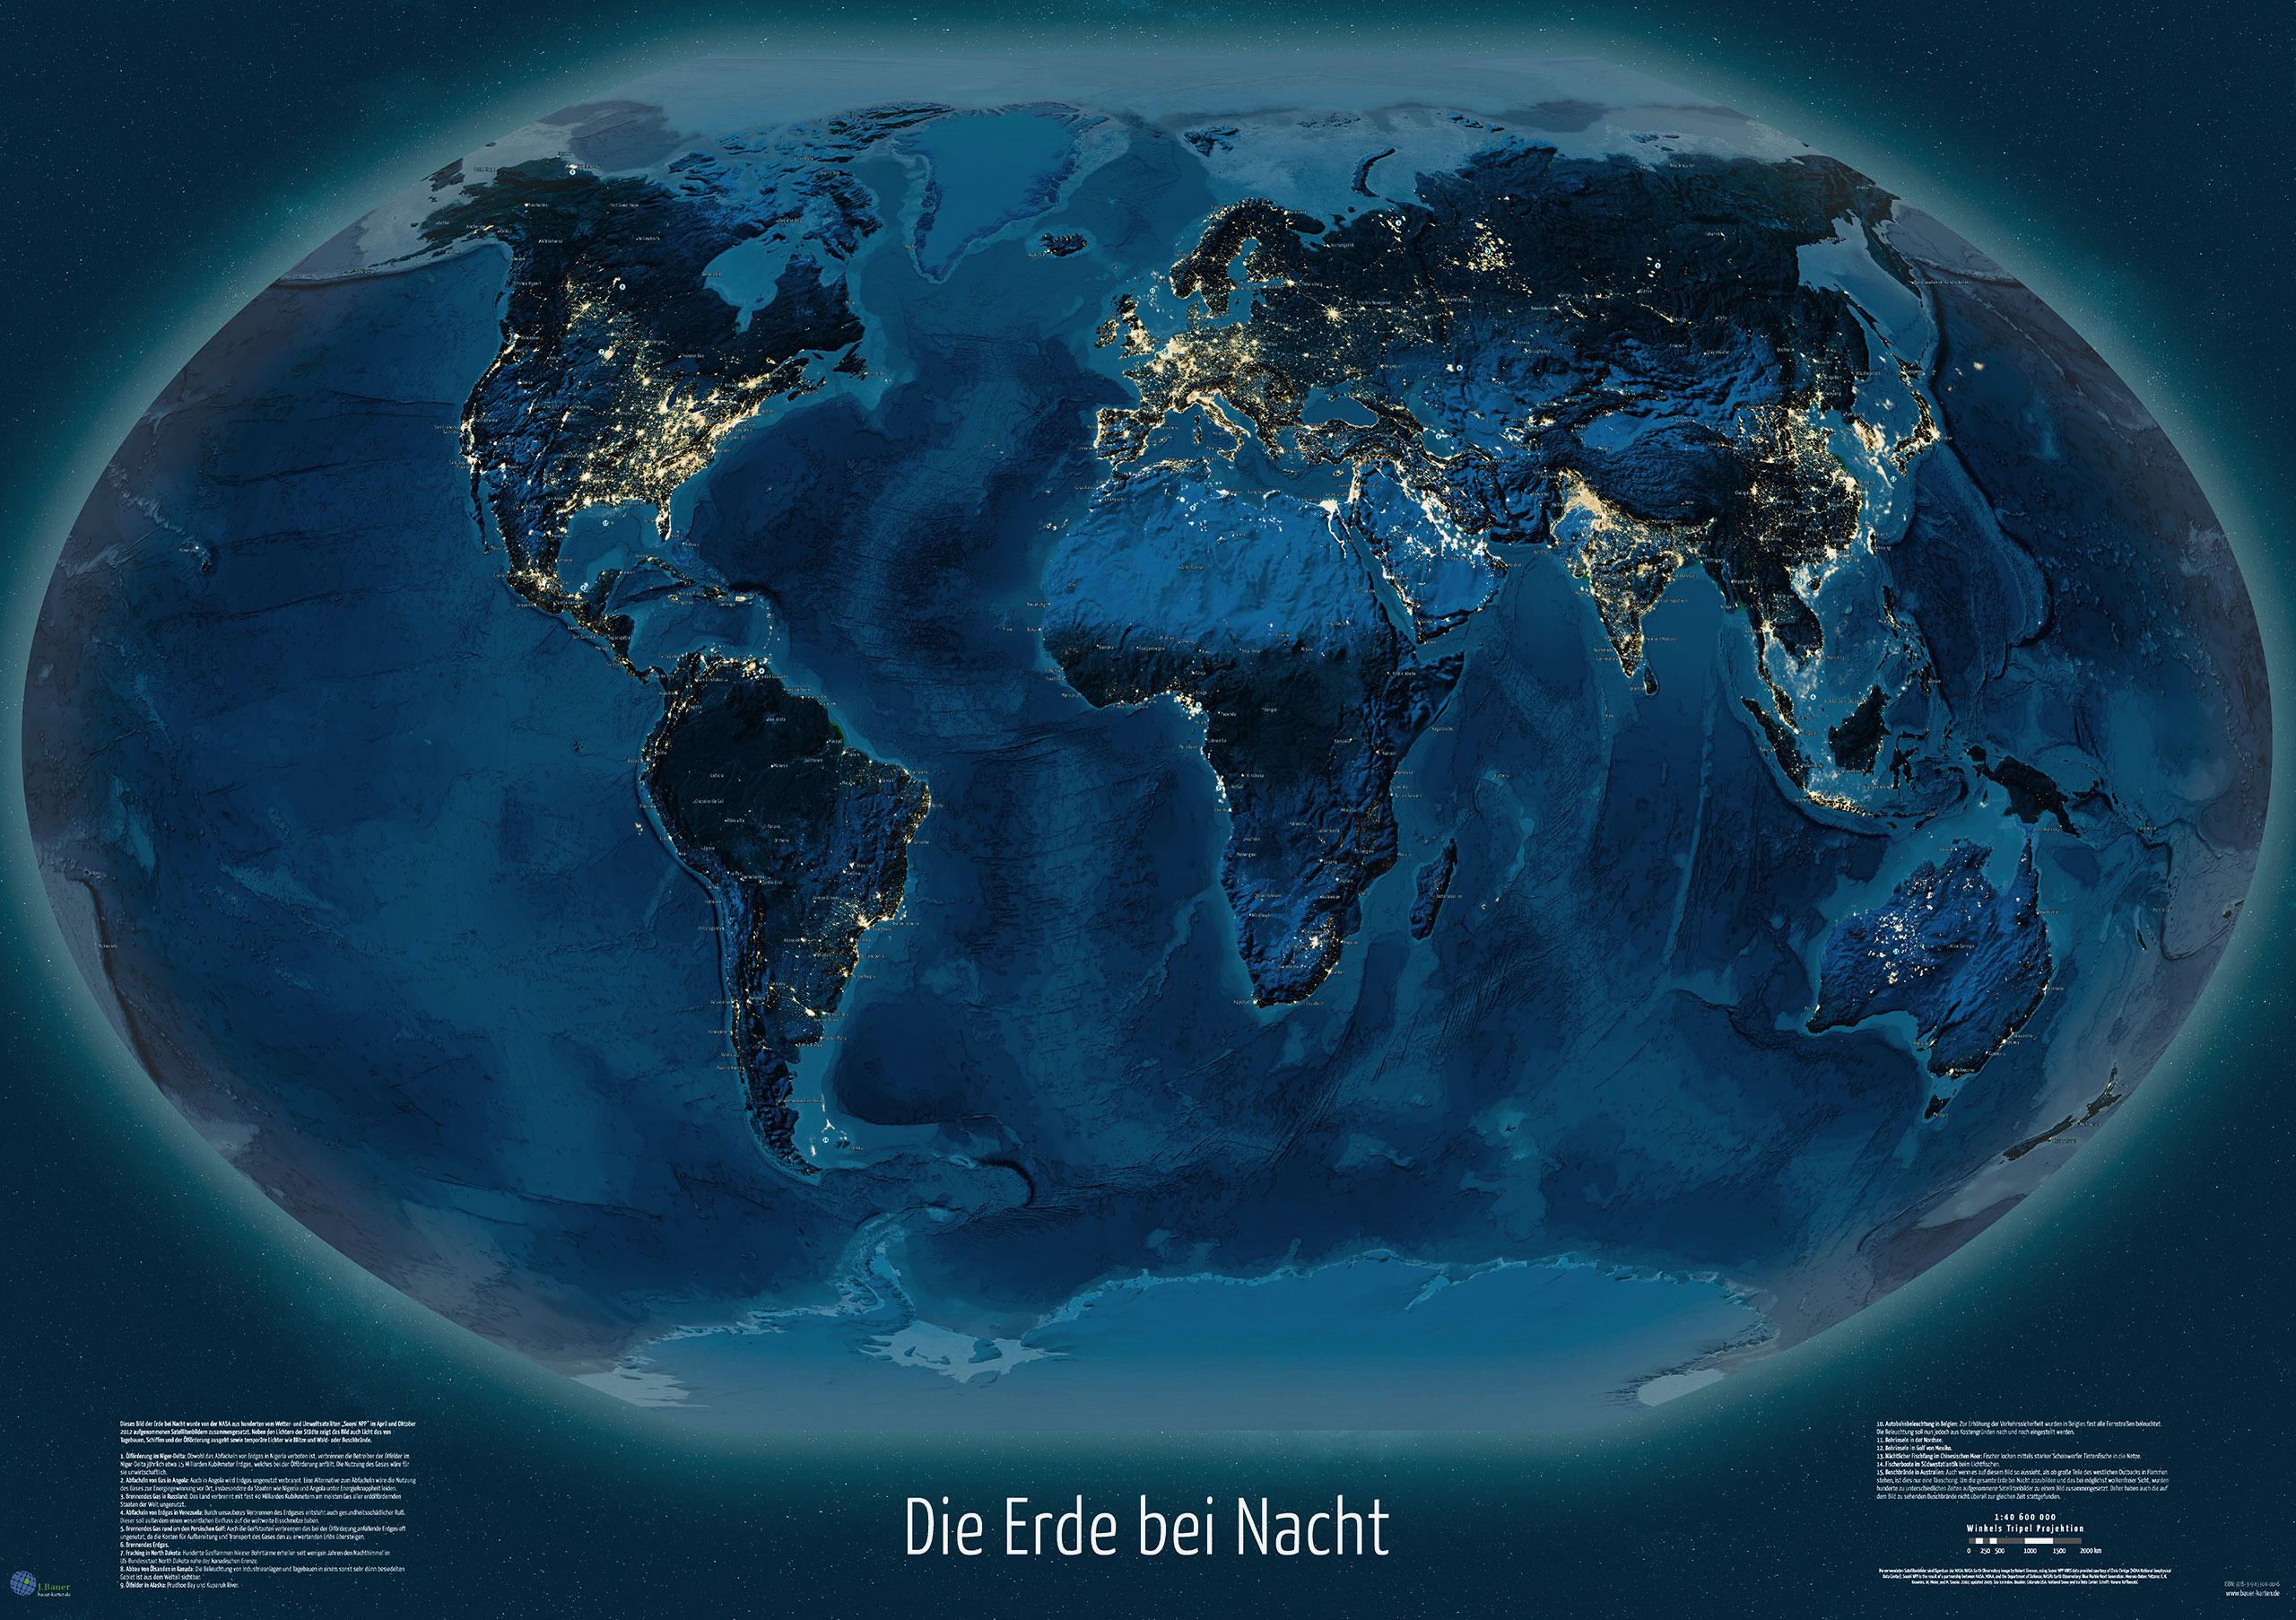 """Weltkarte """"Die Erde bei Nacht"""", 119 x 84 cm, deutsch"""